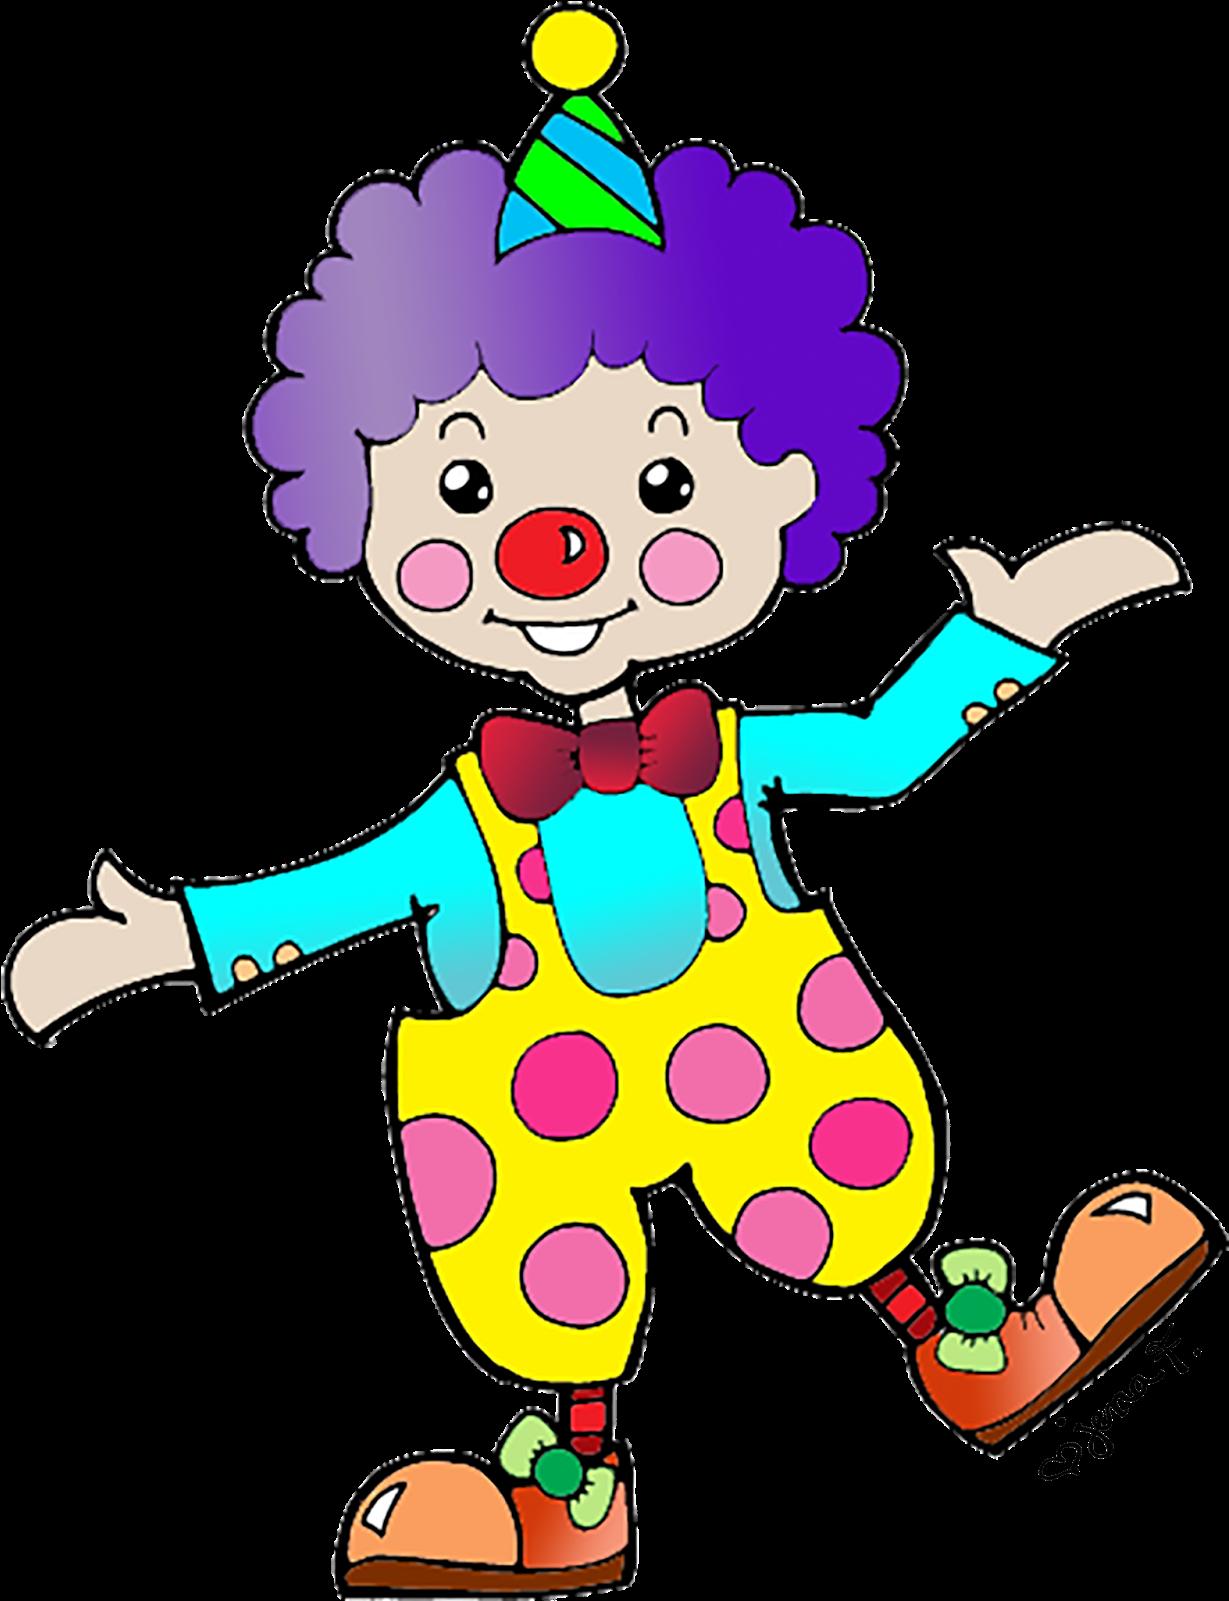 Веселый клоун рисунок для детей, хватает тебя открытка